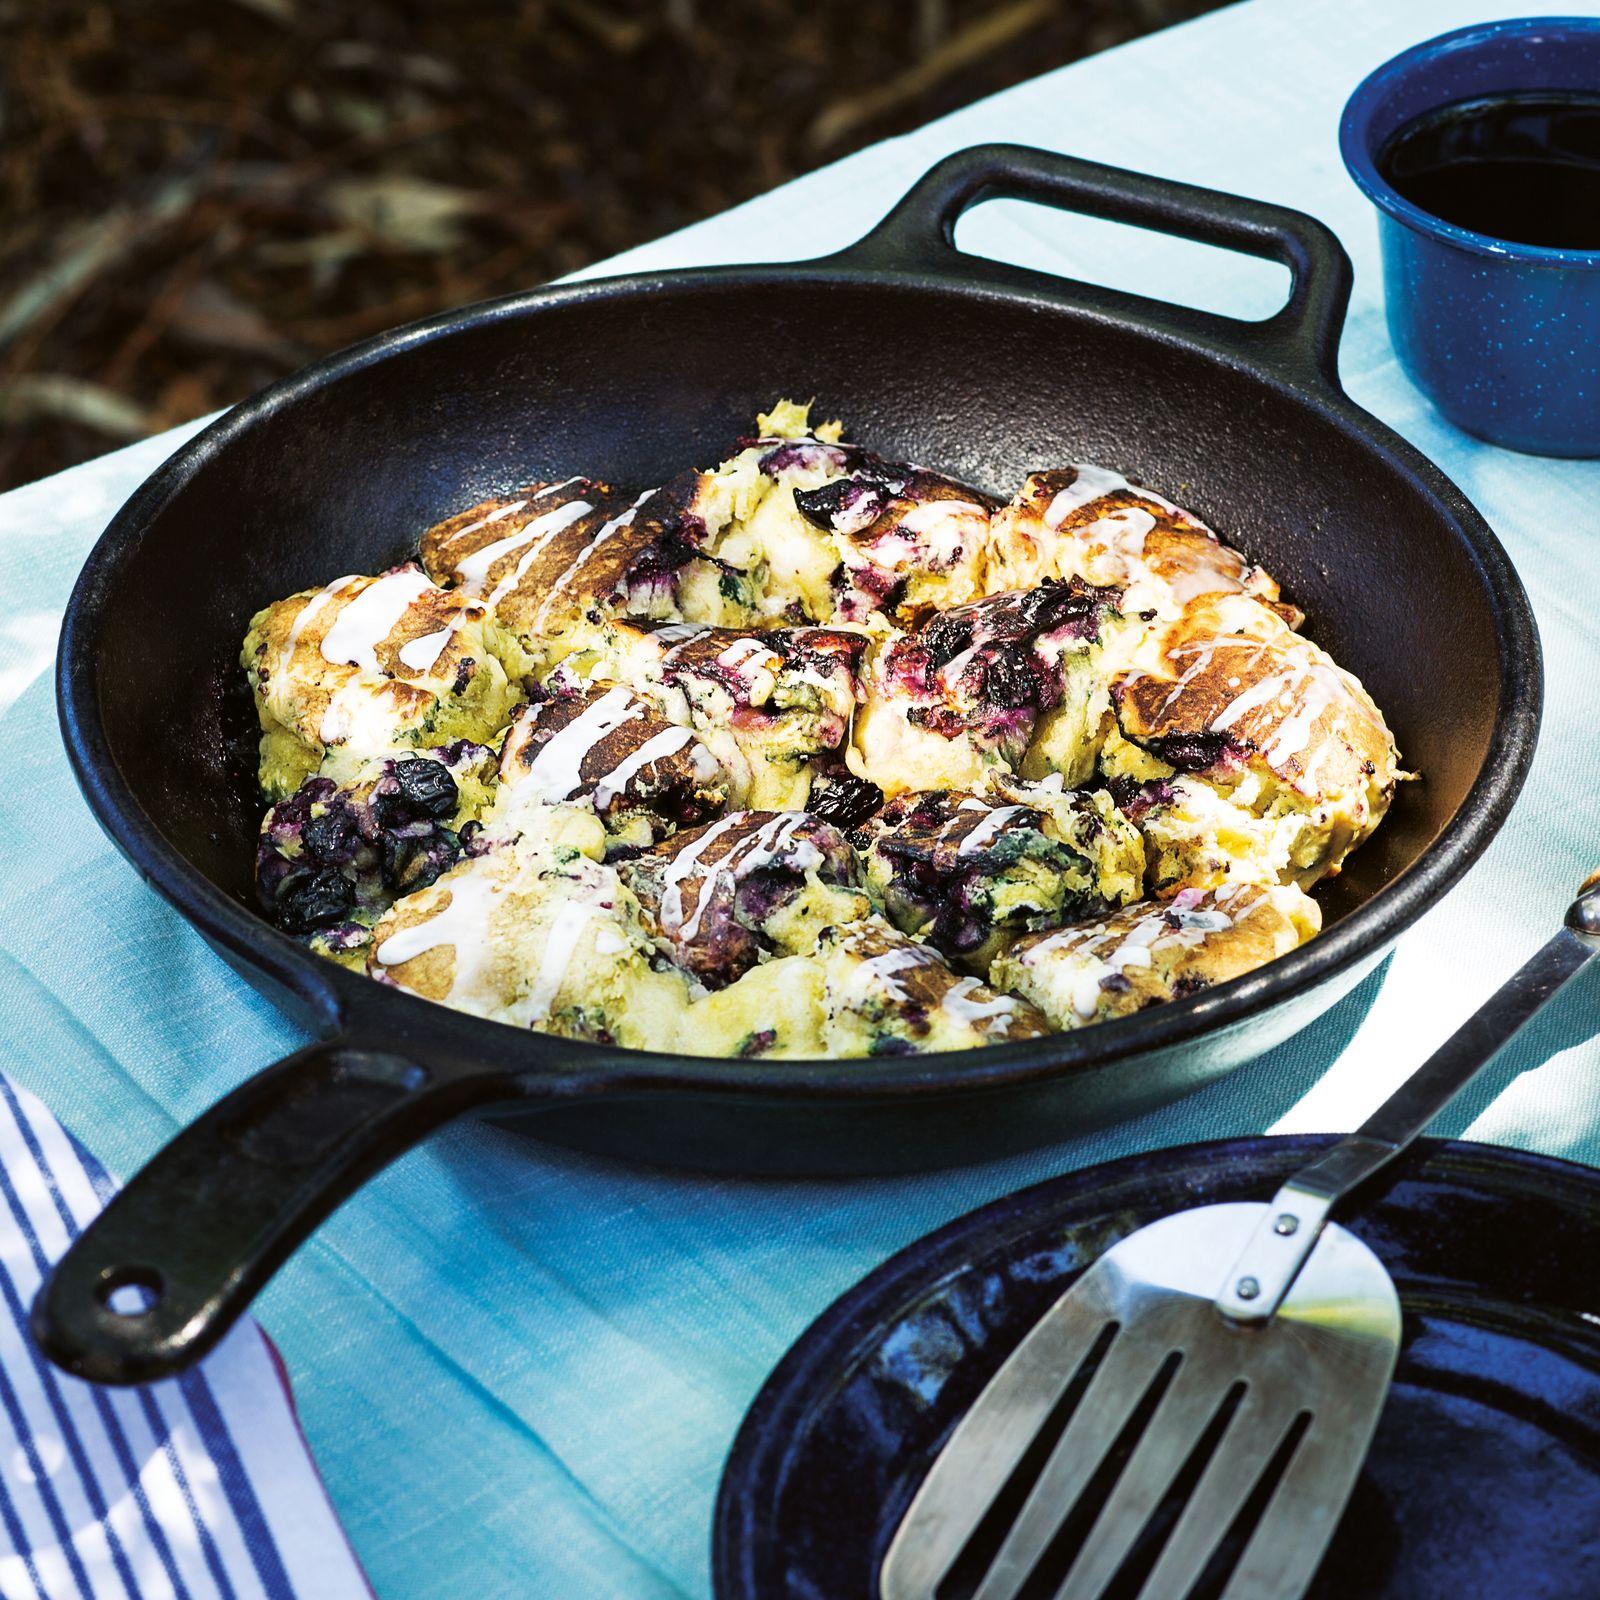 EINMALIGE VERWENDUNG Campen/ Outdoorküche/ The New Camp Cookbook